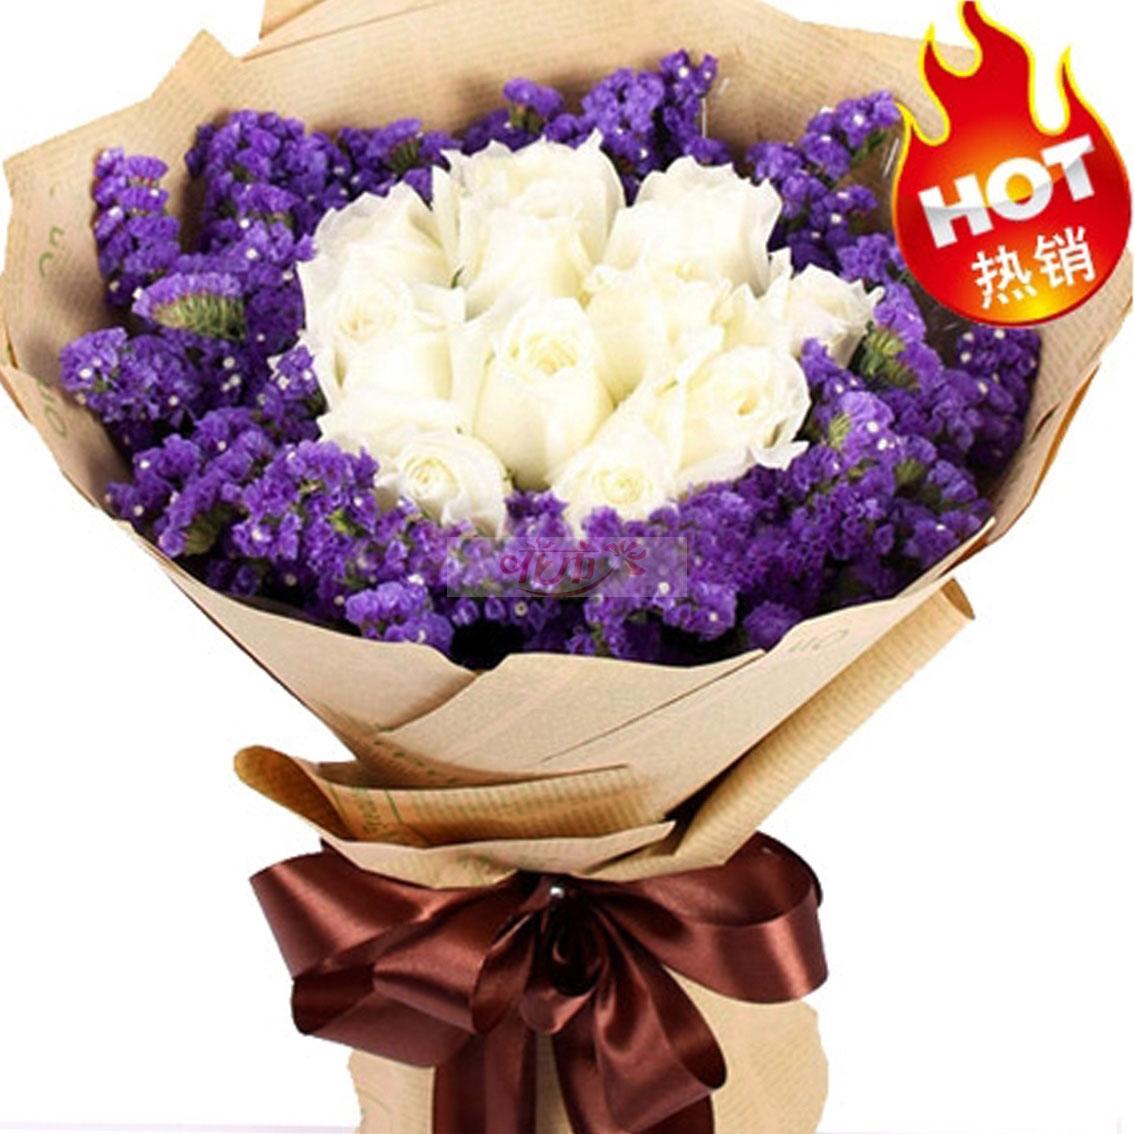 情人节送花必看,情人节表白送什么花最好